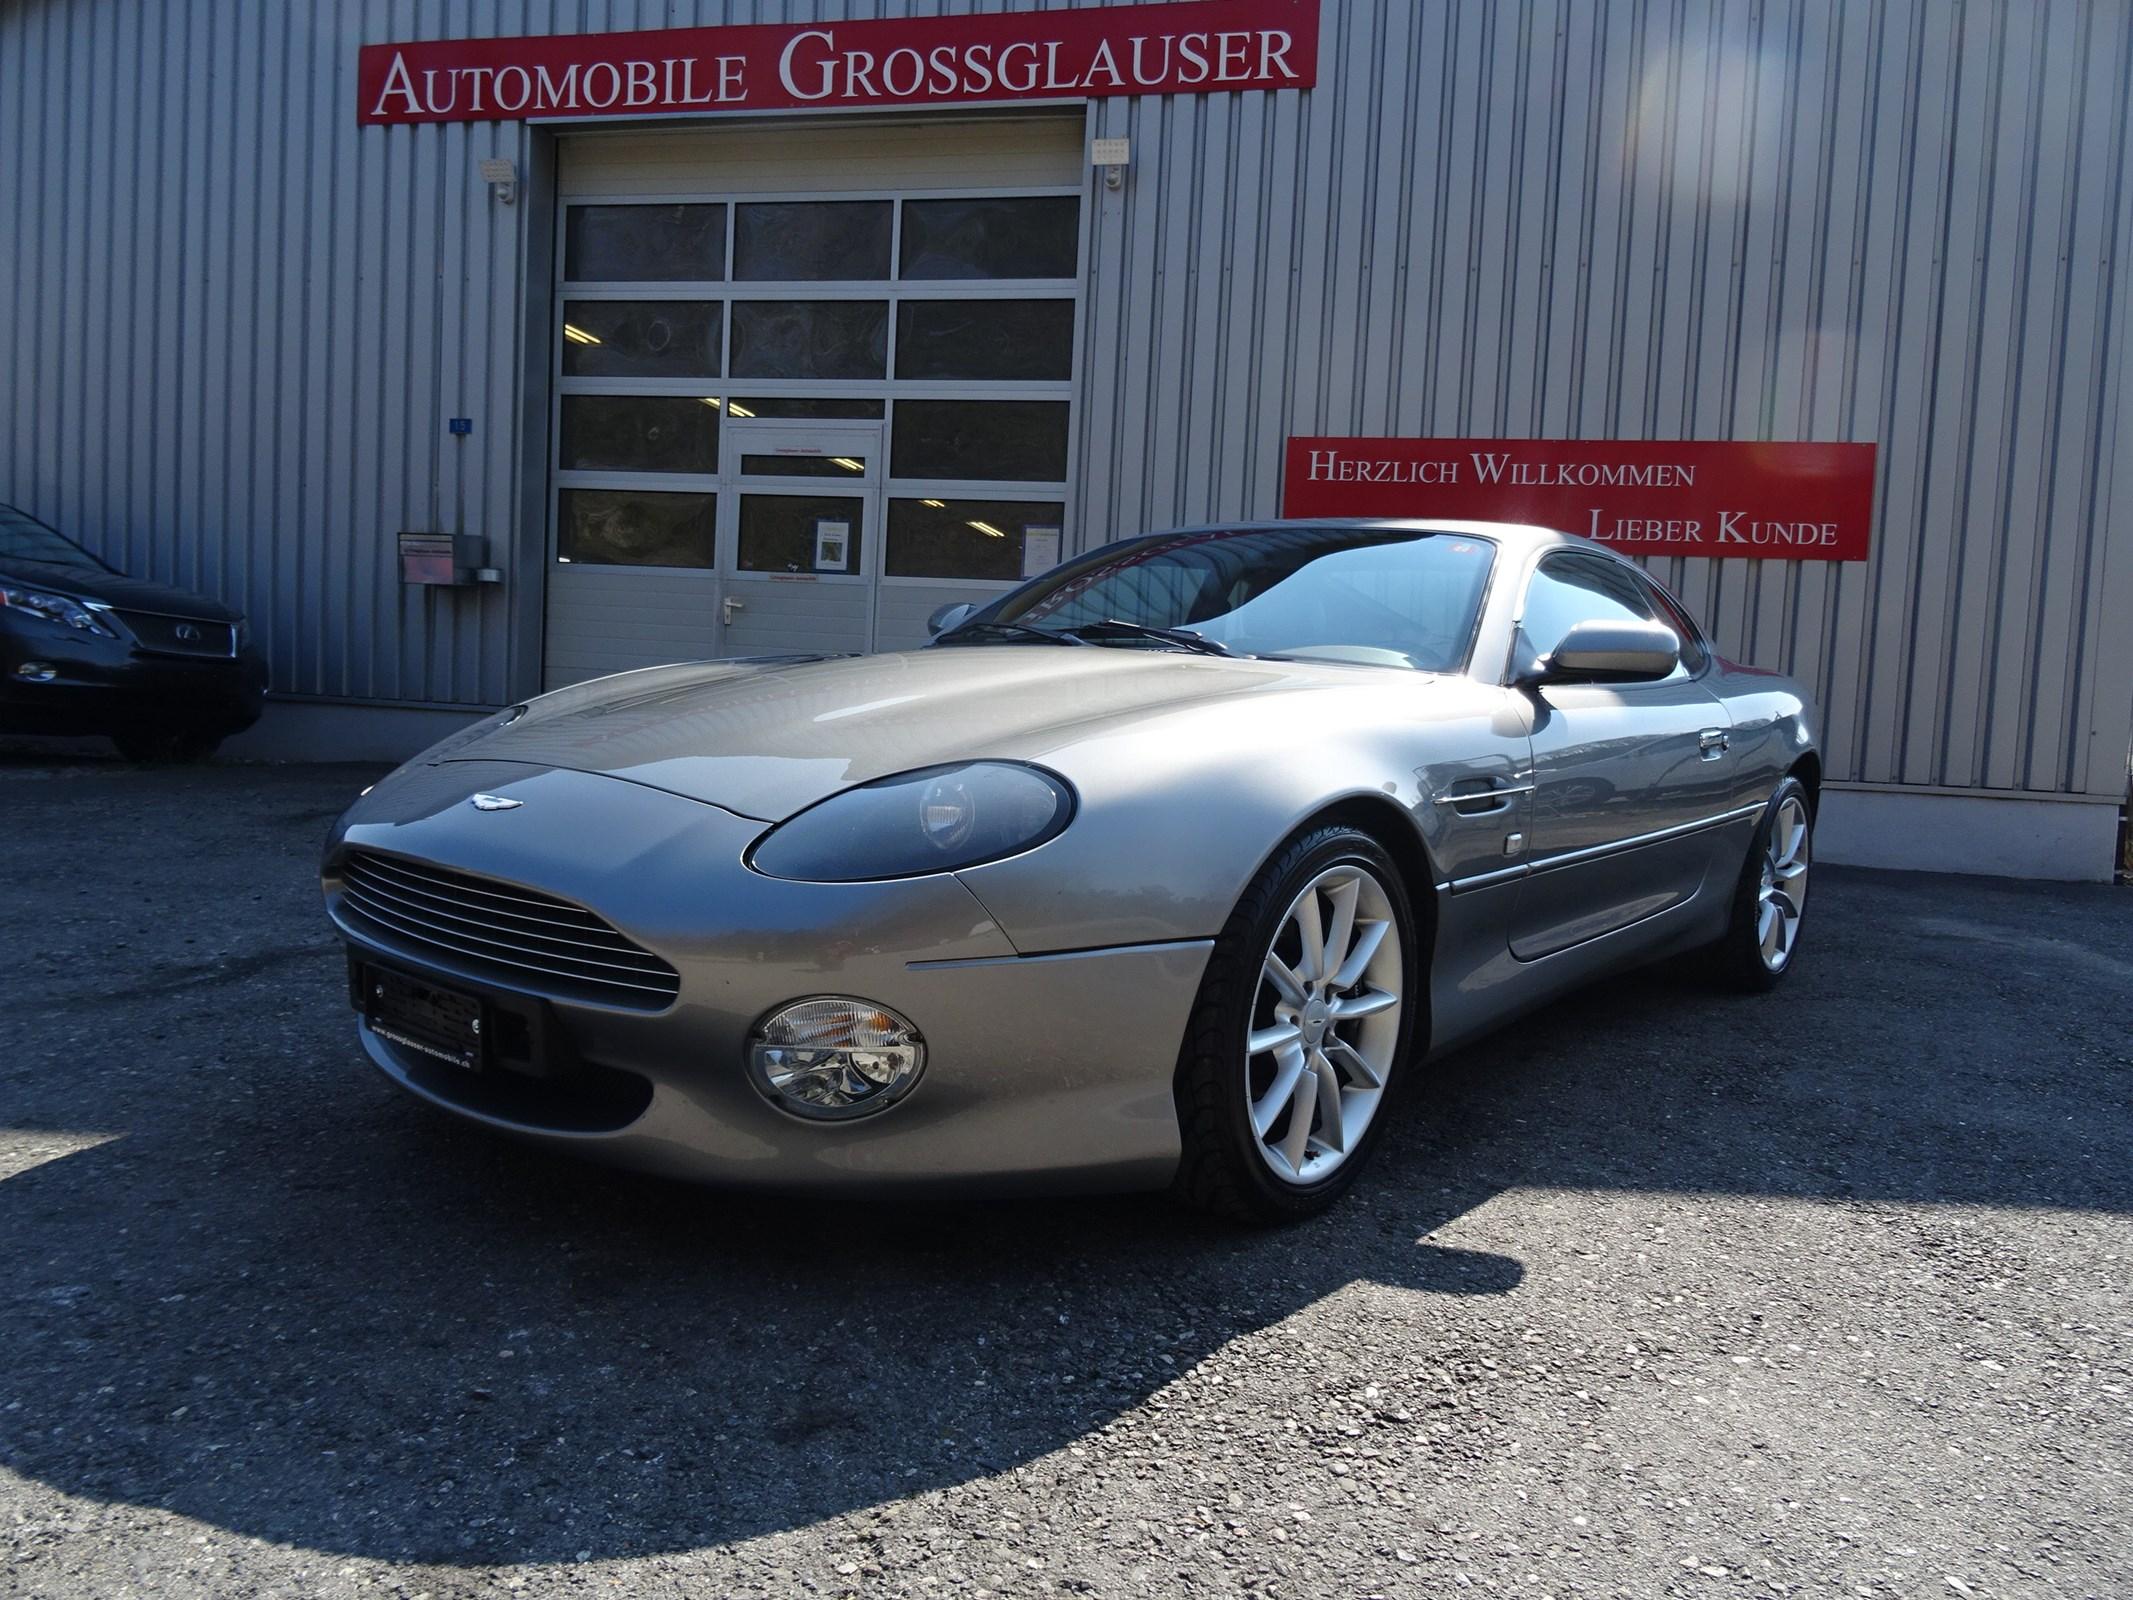 Gebraucht Sportwagen Aston Martin Db7 Vantage 66000 Km Für 37500 Chf Kaufen Auf Carforyou Ch